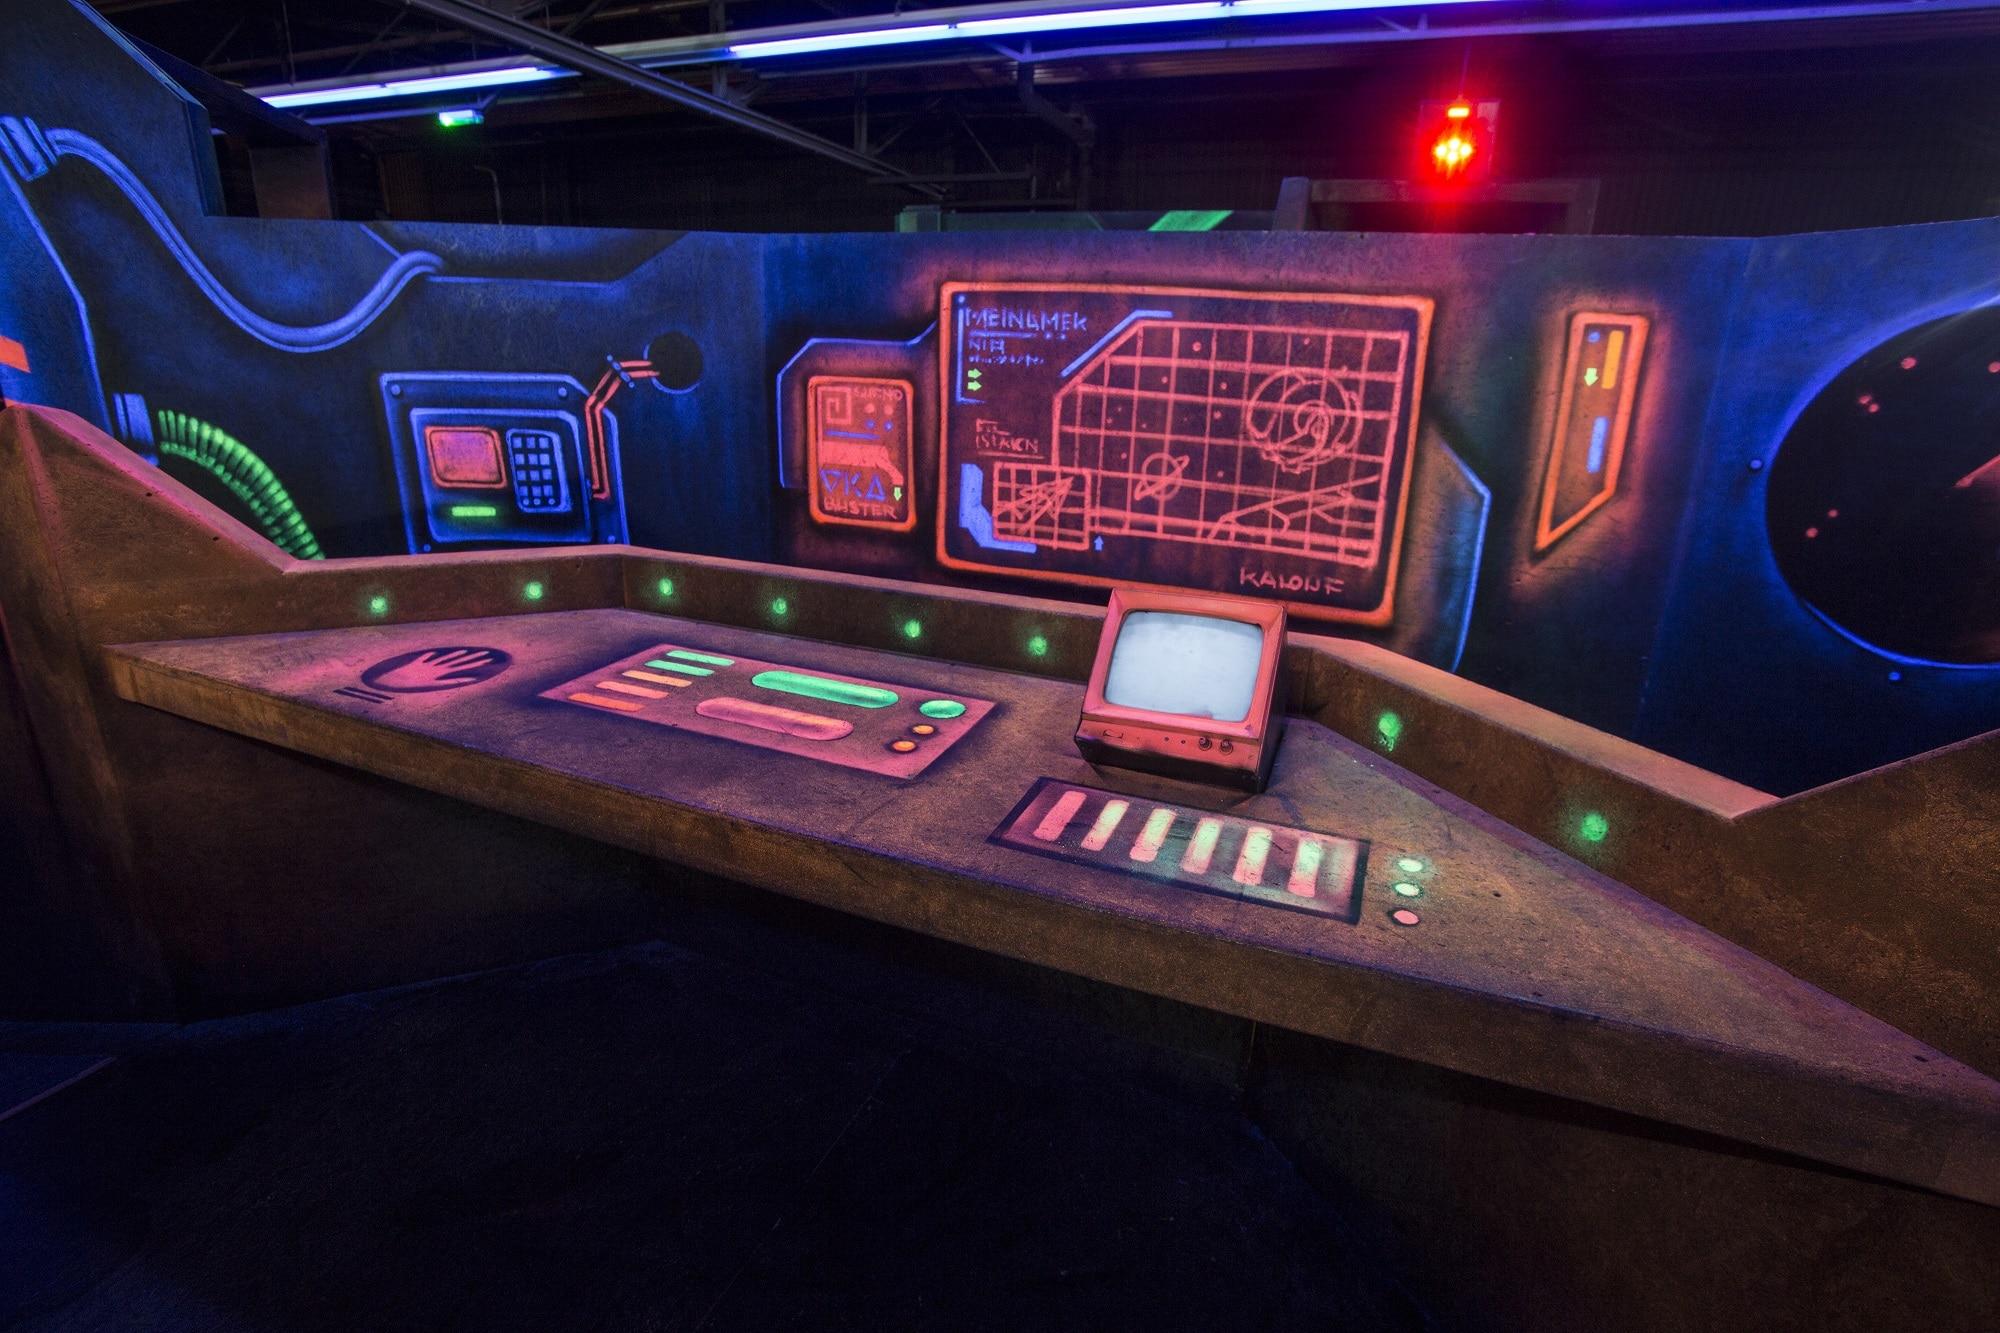 De lasergame arena van Race Planet Amsterdam waar een spannende lasergame strijd